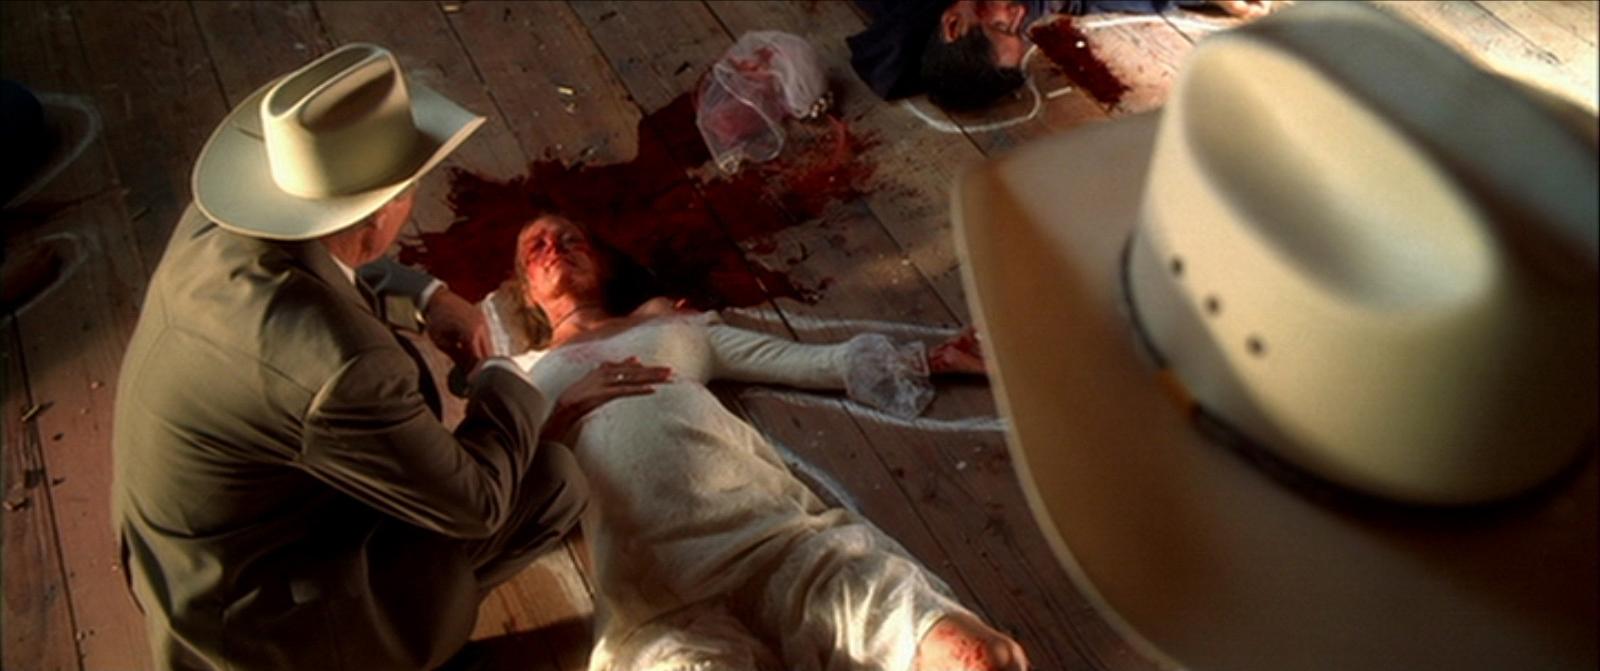 Chapter 2: The blood-splattered BRIDE